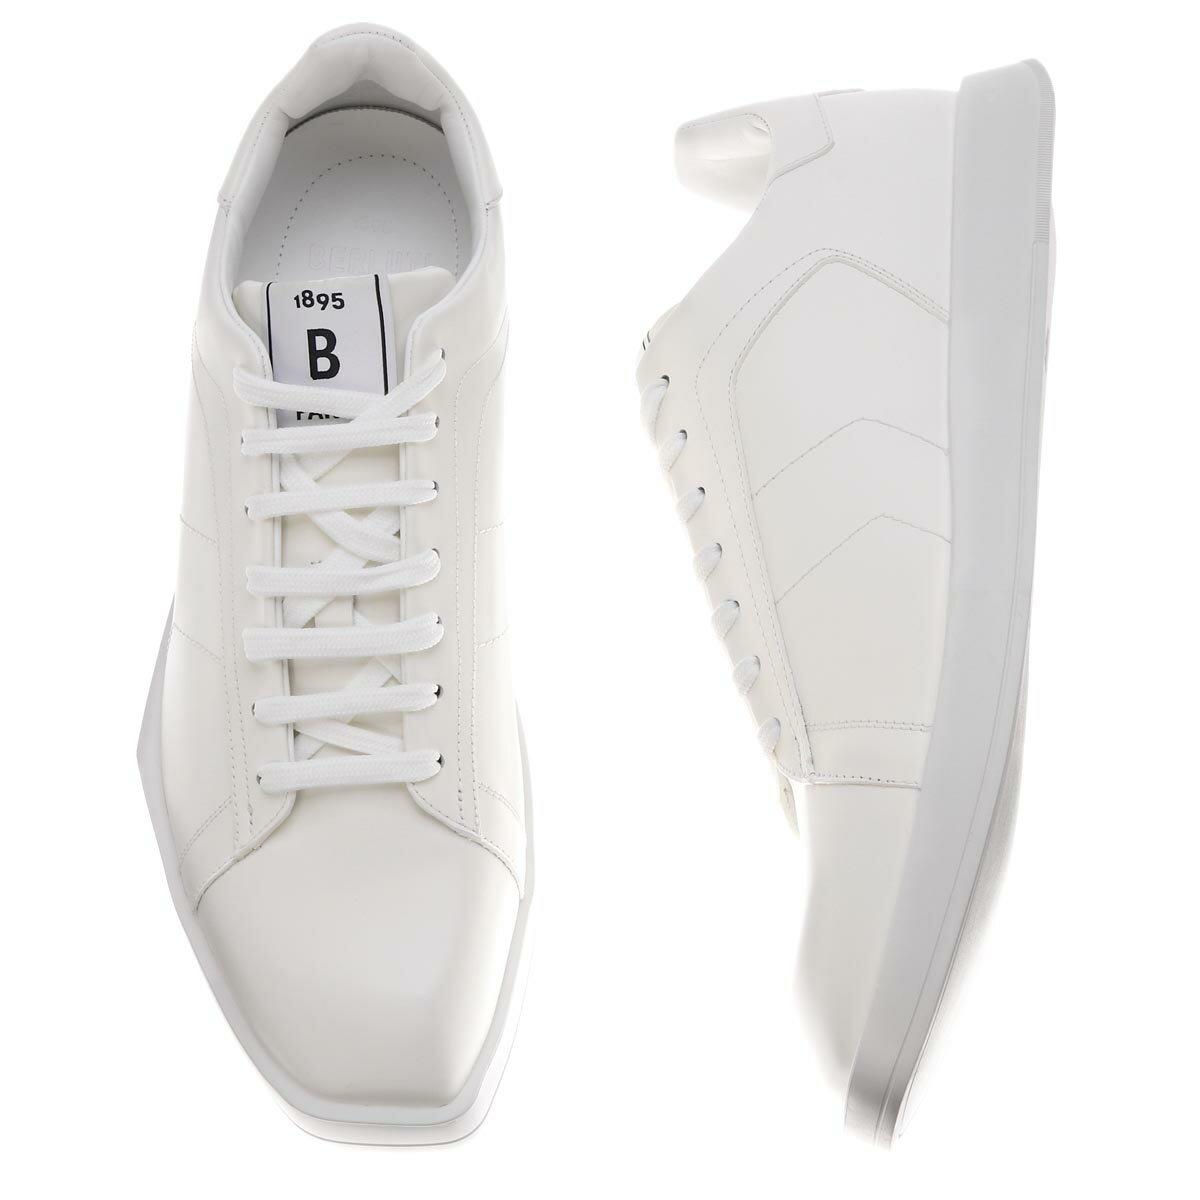 メンズ靴, スニーカー  BERLUTI s4958 001 w02 white STELLARoutnew